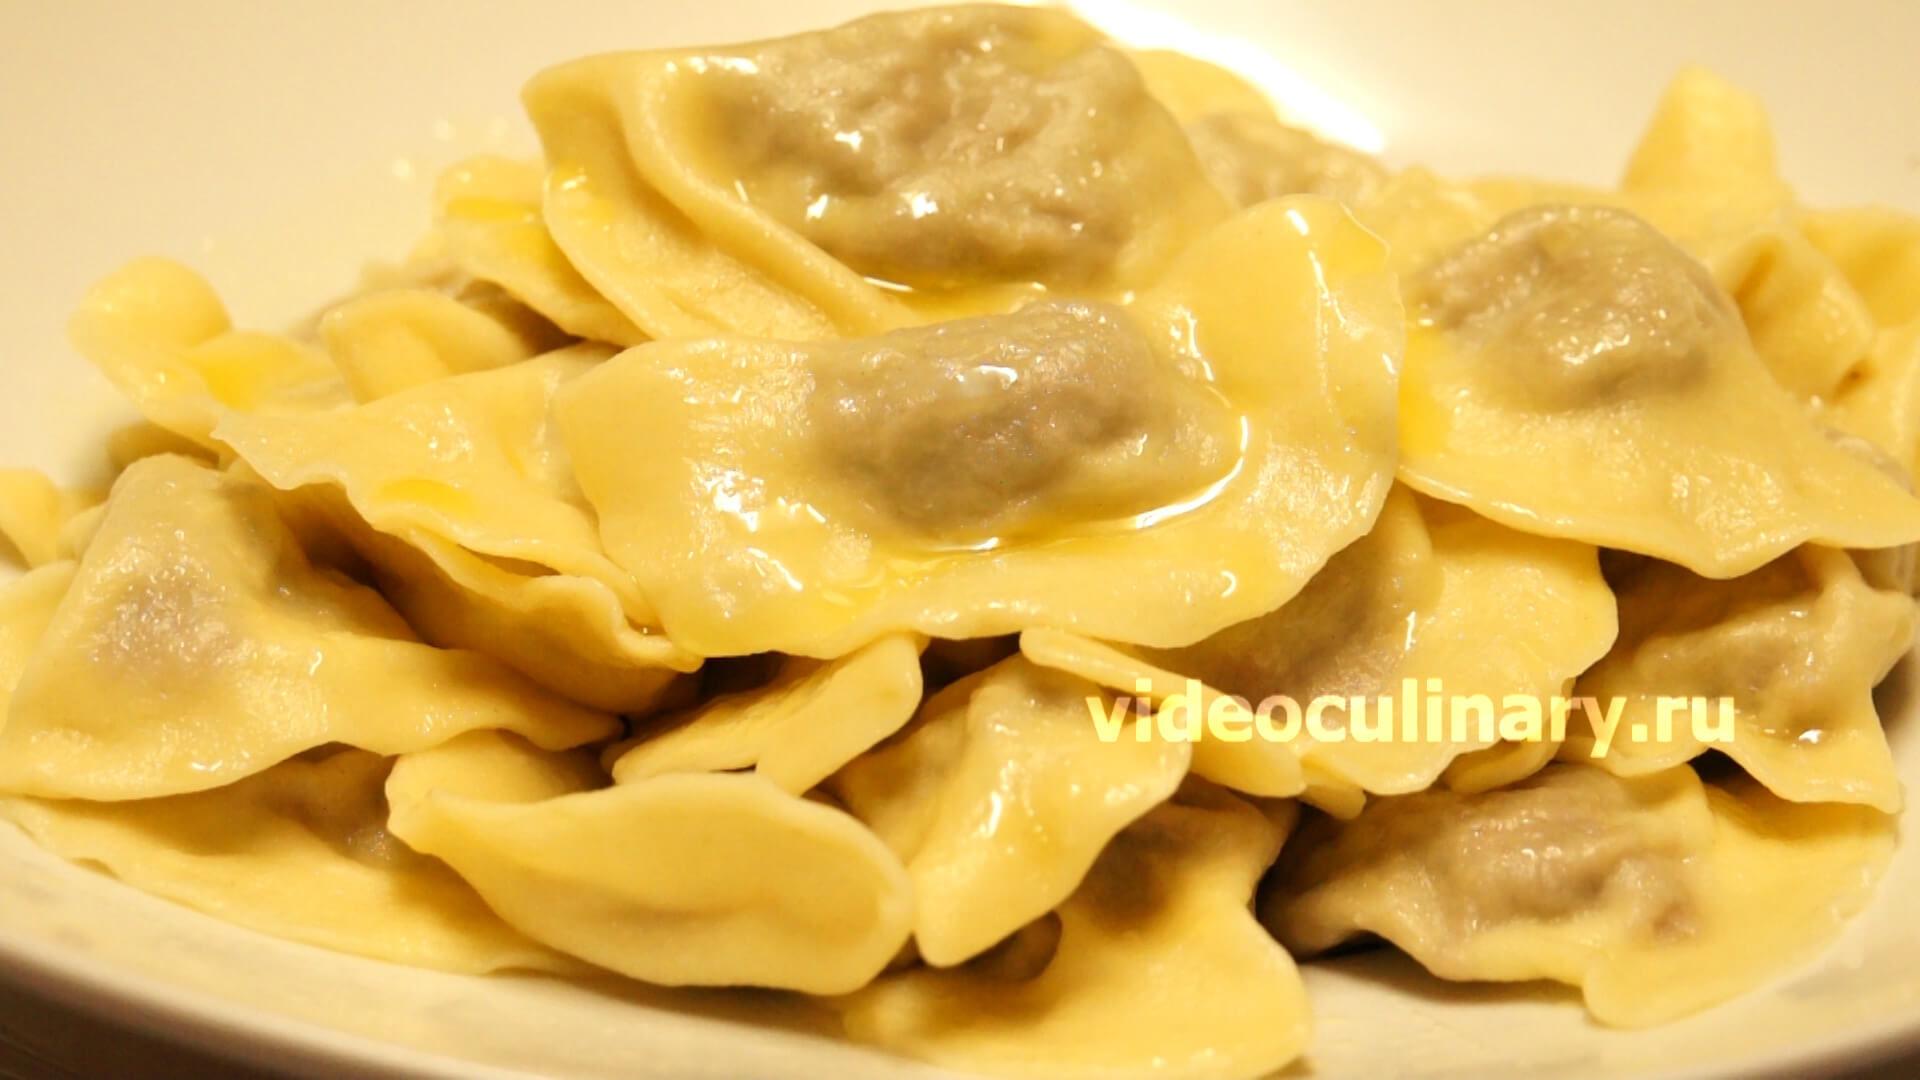 Картофельные вареники с мясом рецепт